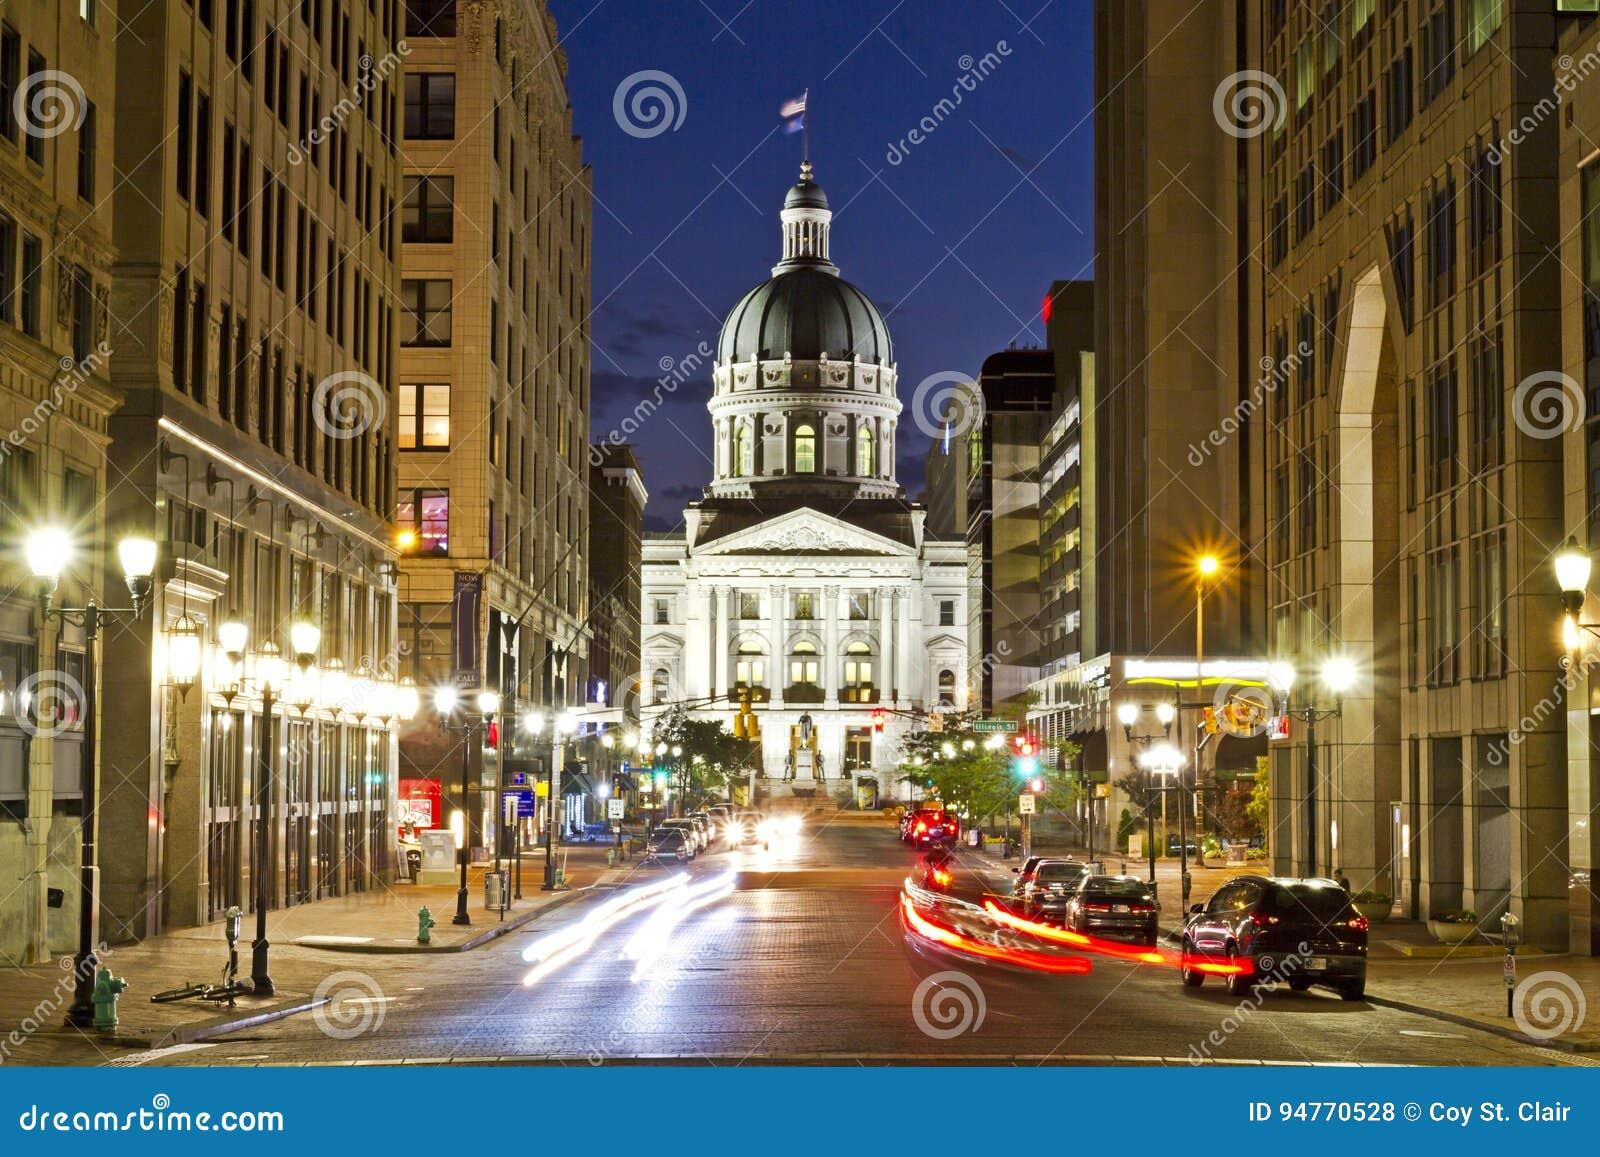 Indiana statehouse przy nocą z ruchliwymi ulicami i życiem nocnym